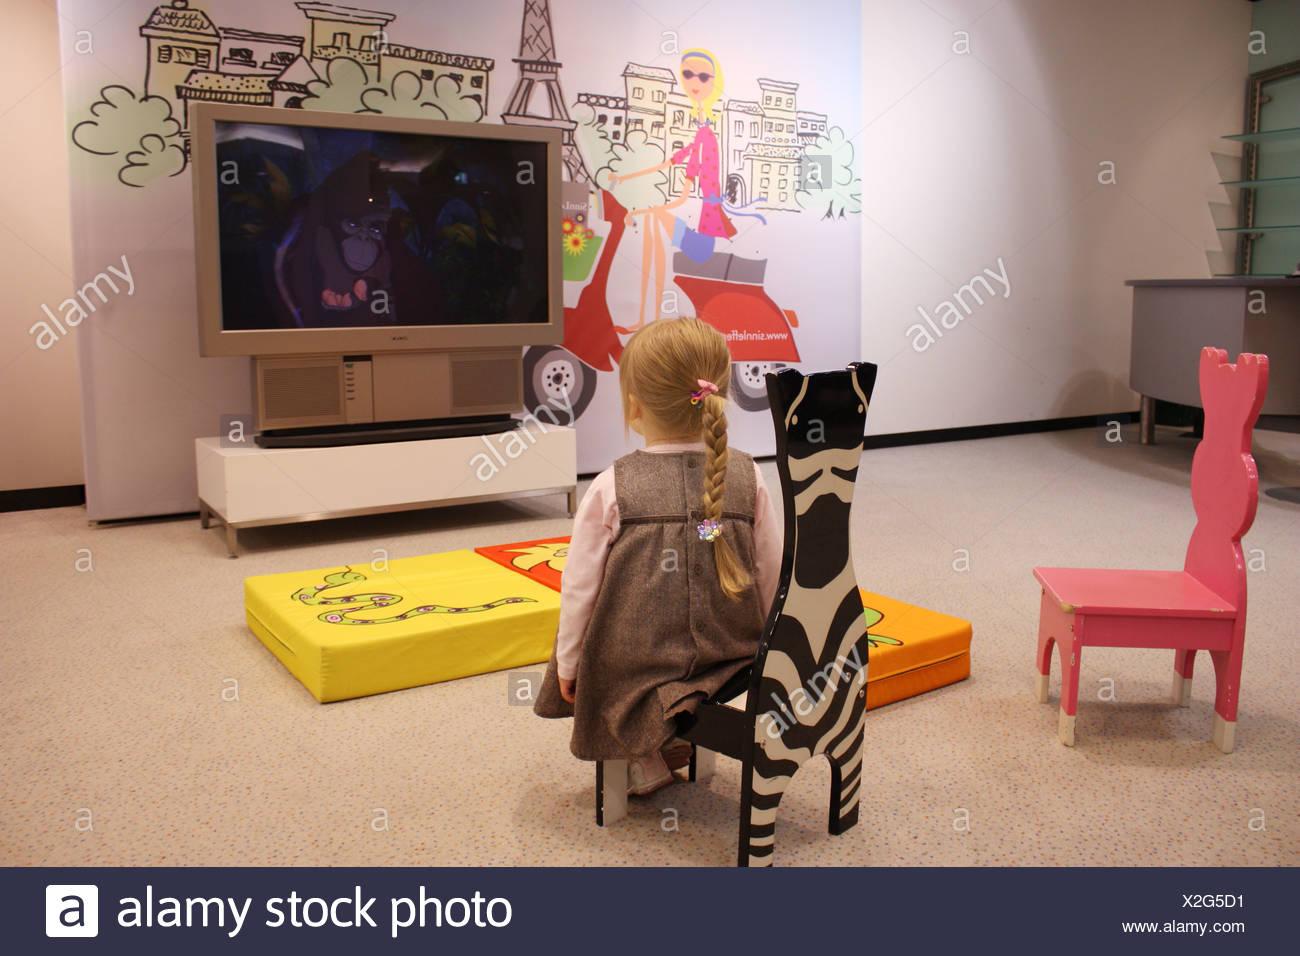 Fußboden Braun Zebra ~ Weibliches kind blondes haar geflochten rosa top und braunen kleid